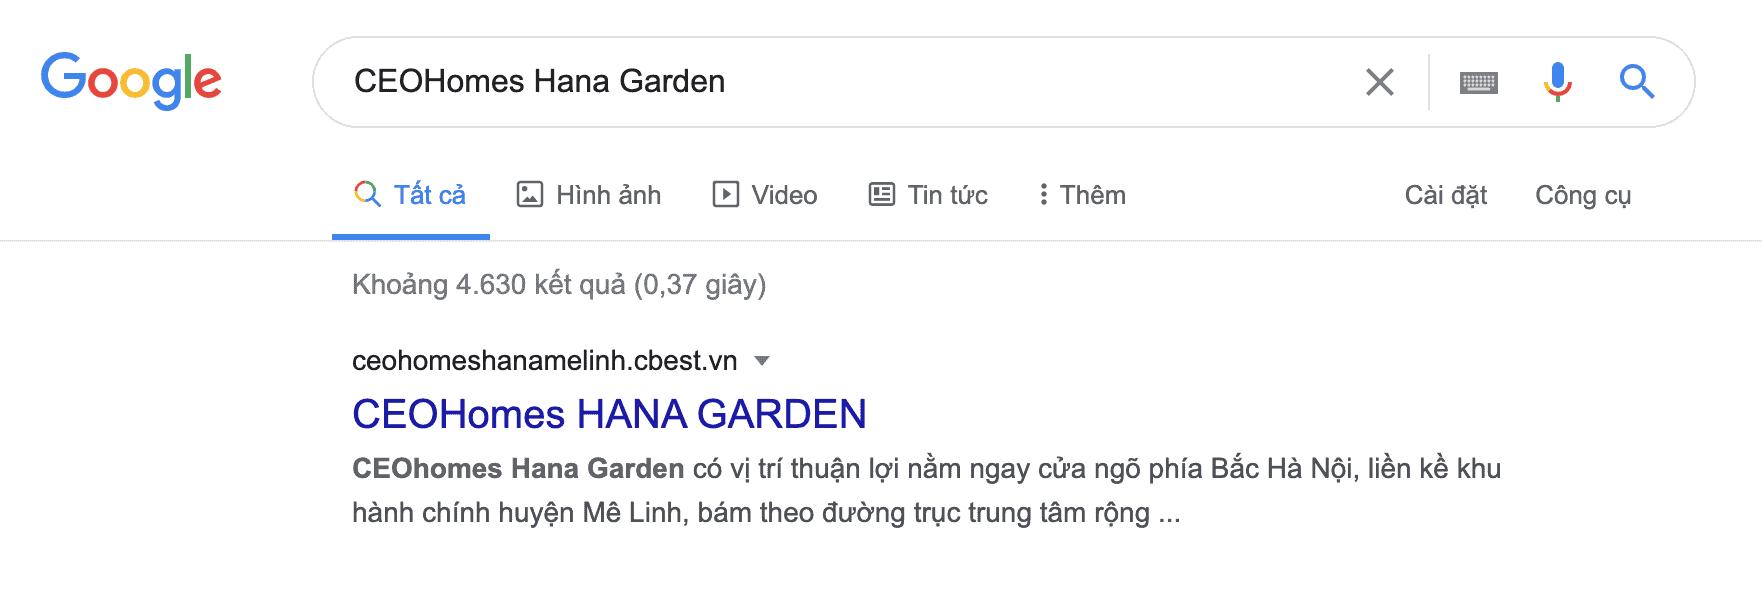 Ceohomes Hana Garden